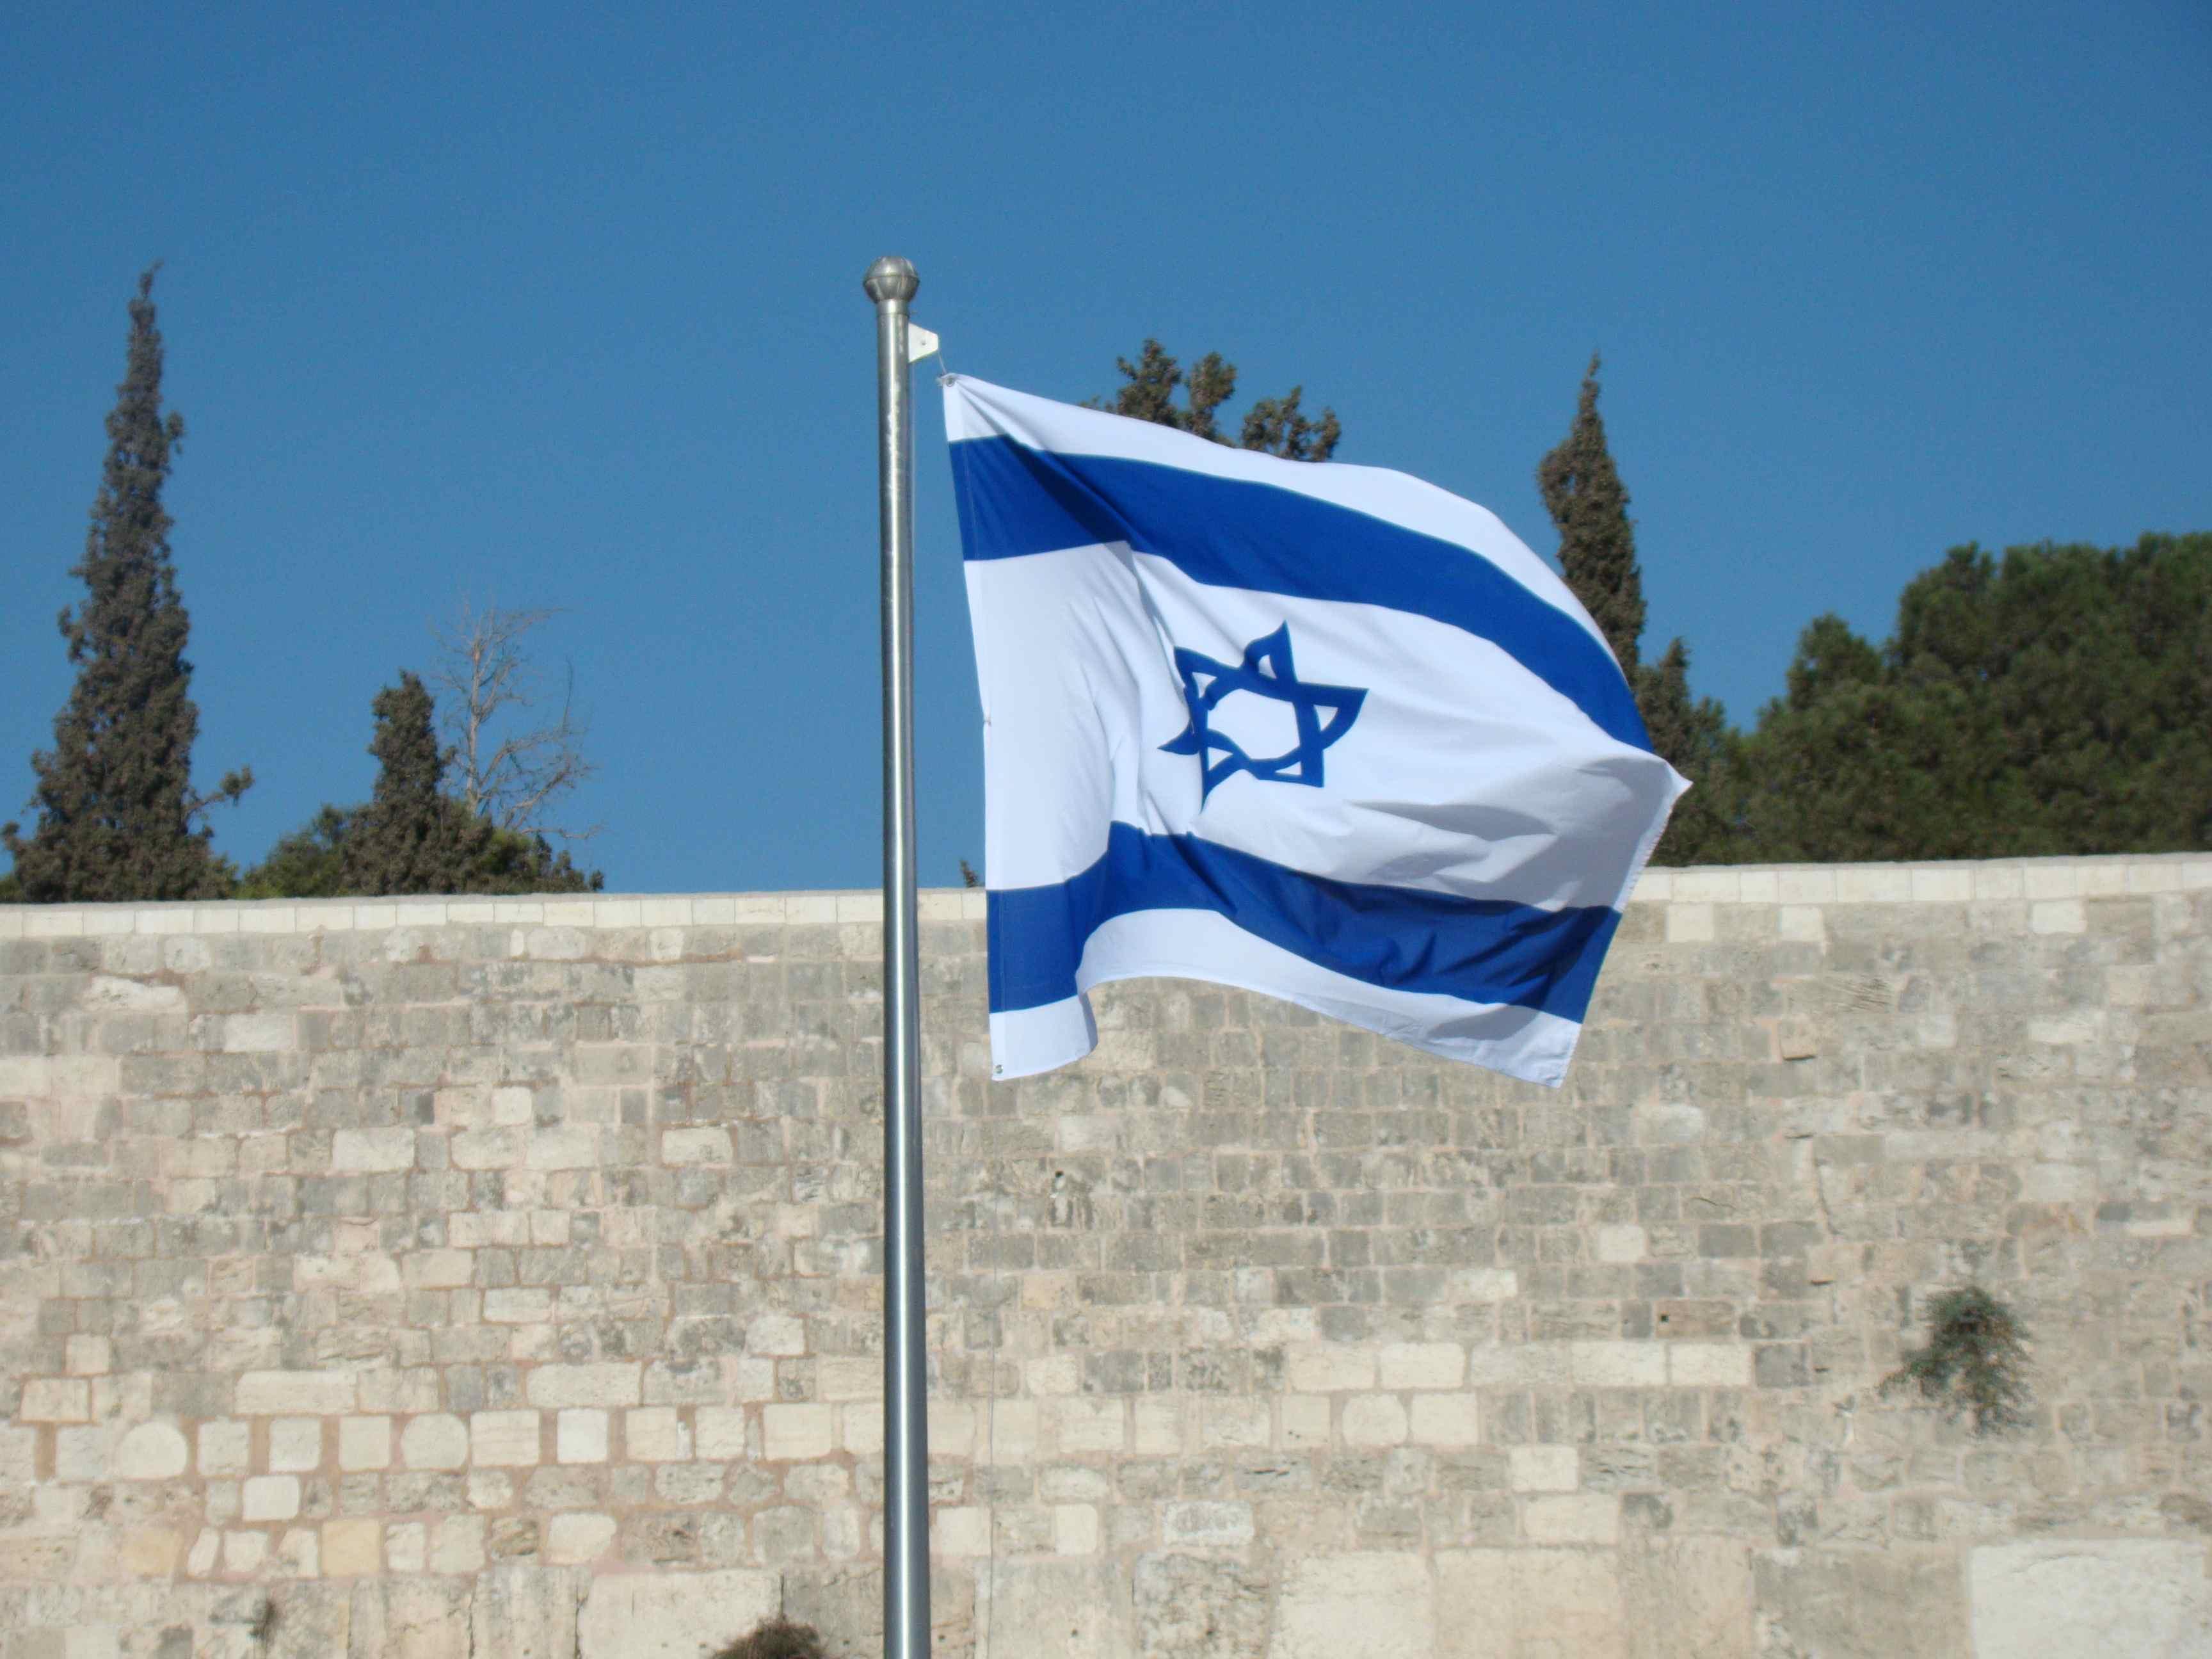 израиль: туры в Израиль, туры в израиль из одессы, израиль из